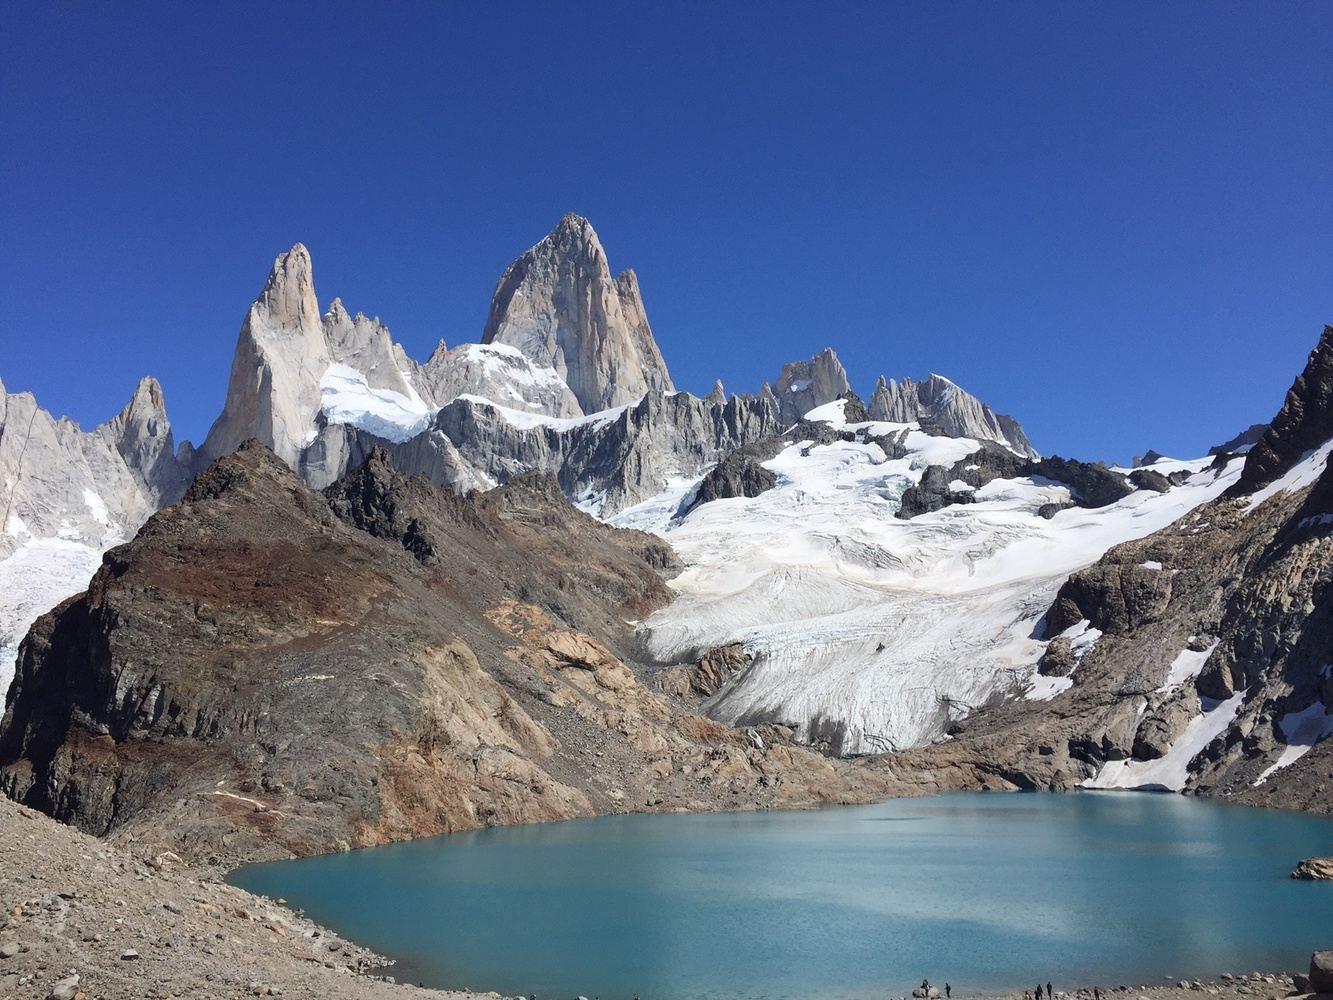 Laguna de los tres day hike